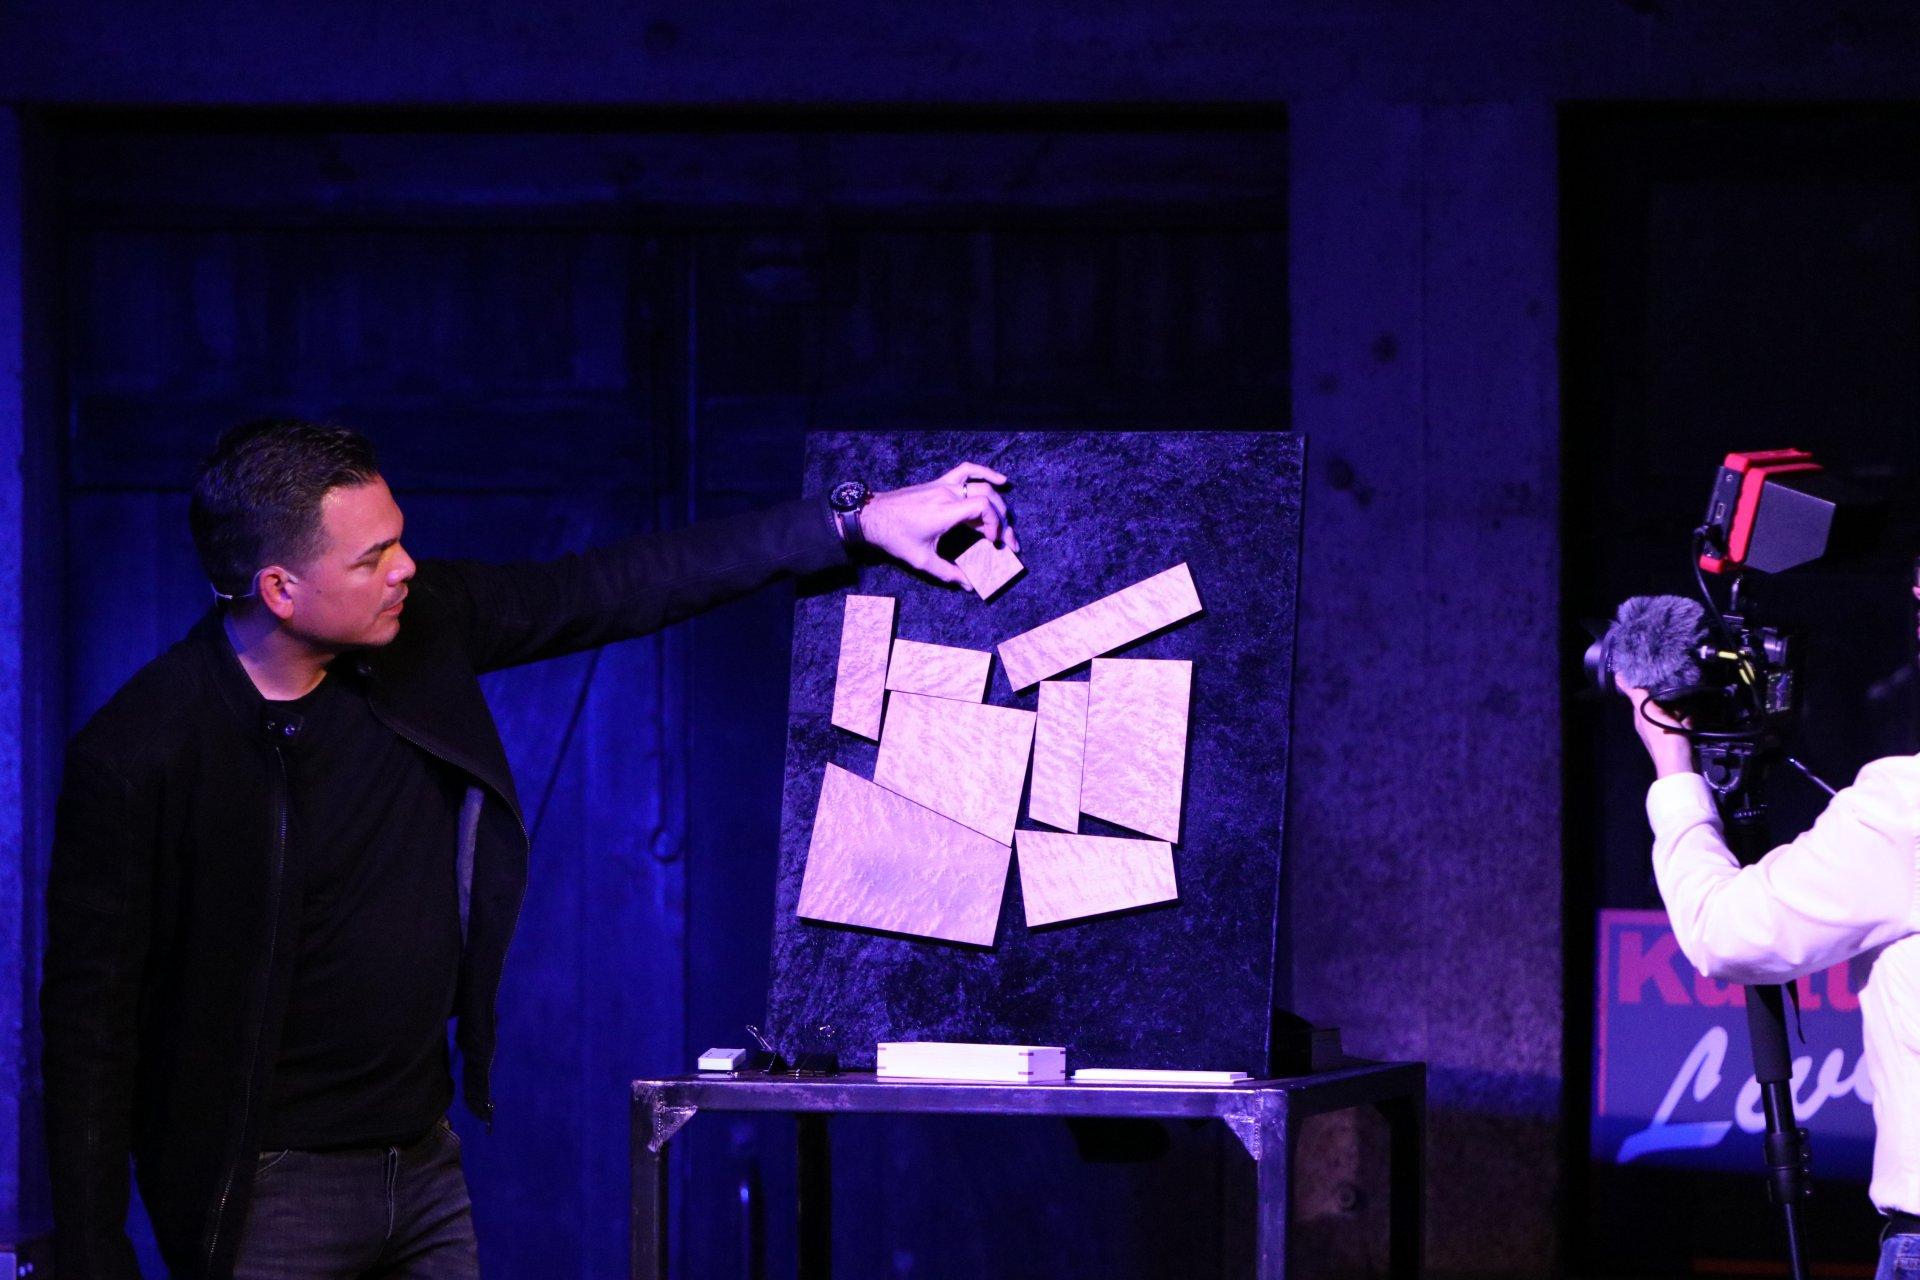 Der Zauberer Marco Miele für eine unvergessliche Zaubershow in München